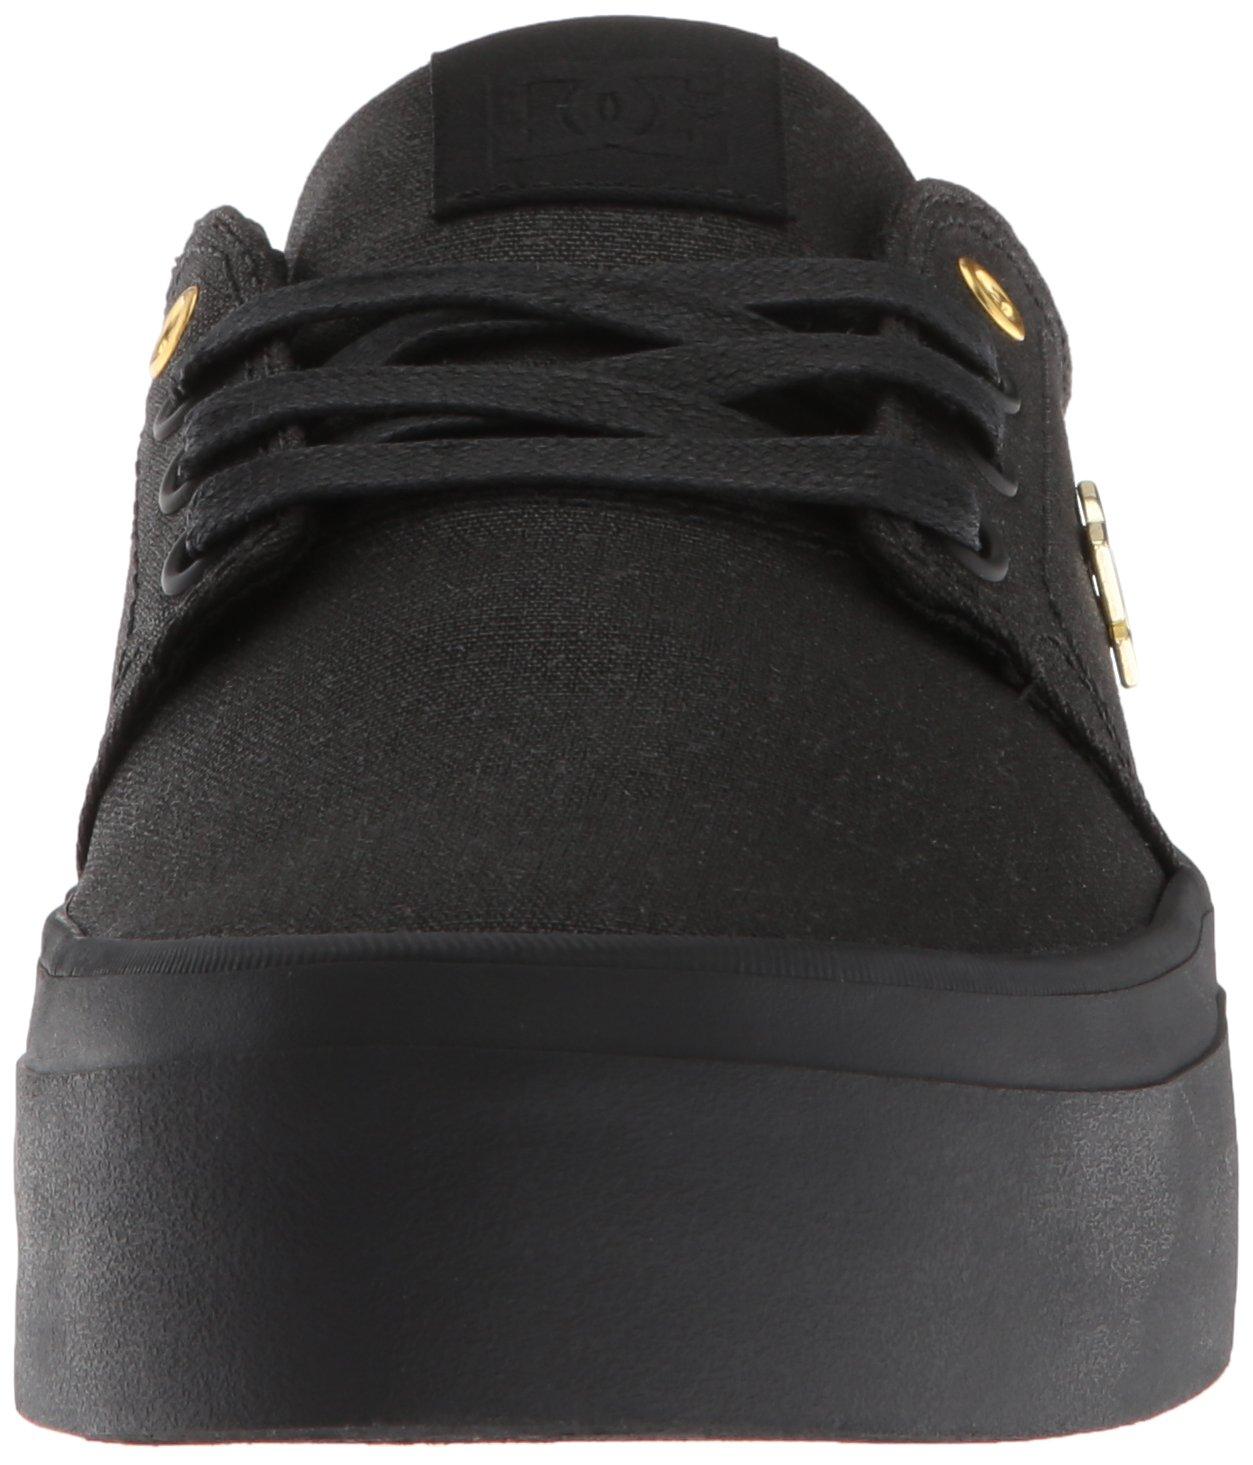 DC Women's Trase Shoe Platform TX SE Skate Shoe Trase B07852J2K1 5.5 M US|Black/Black 7bbbde